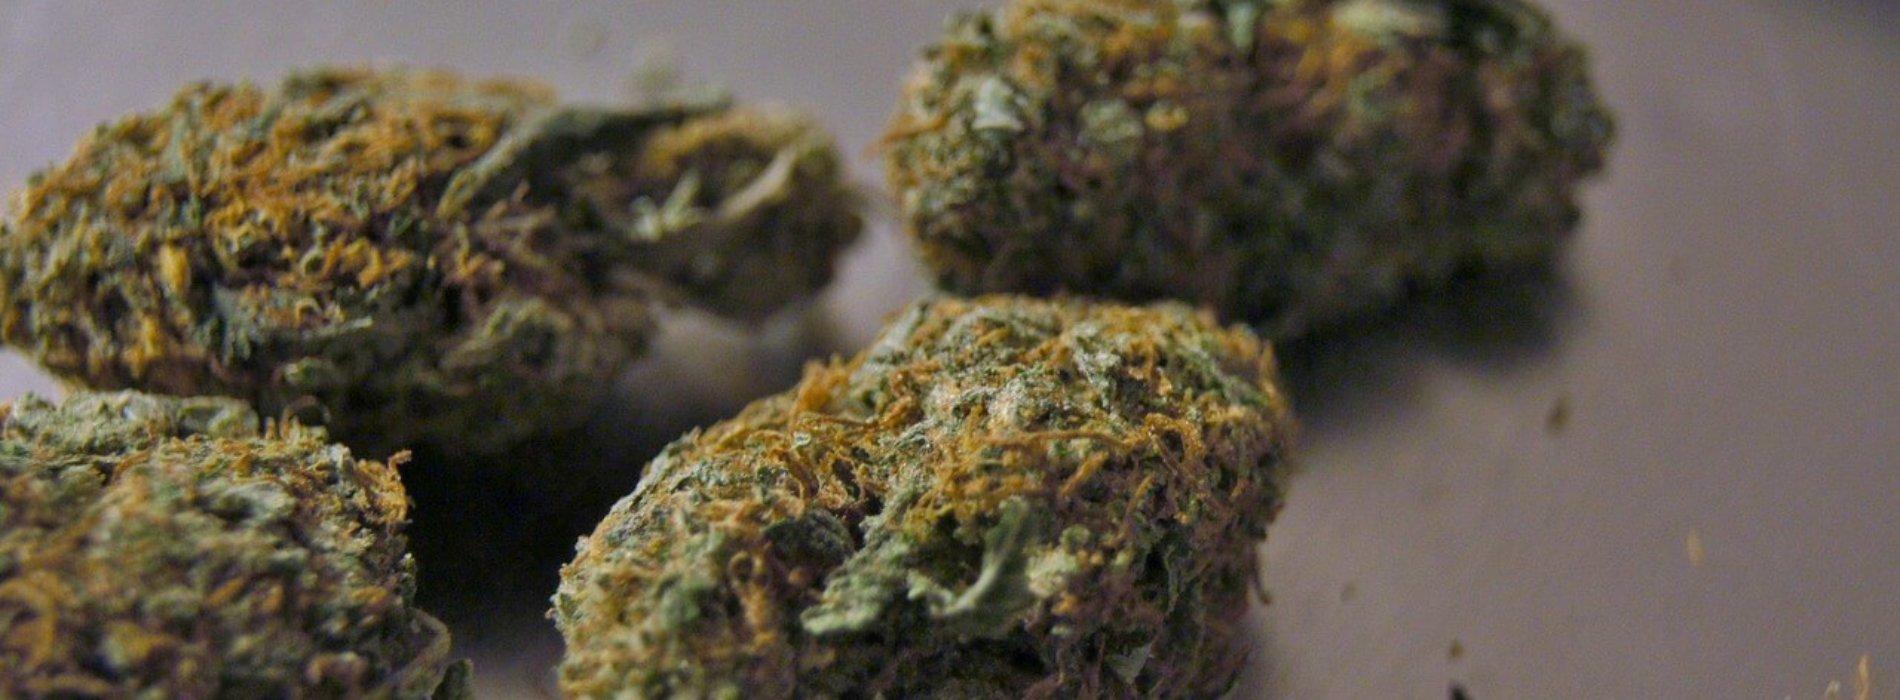 20-latek zatrzymany z narkotykami